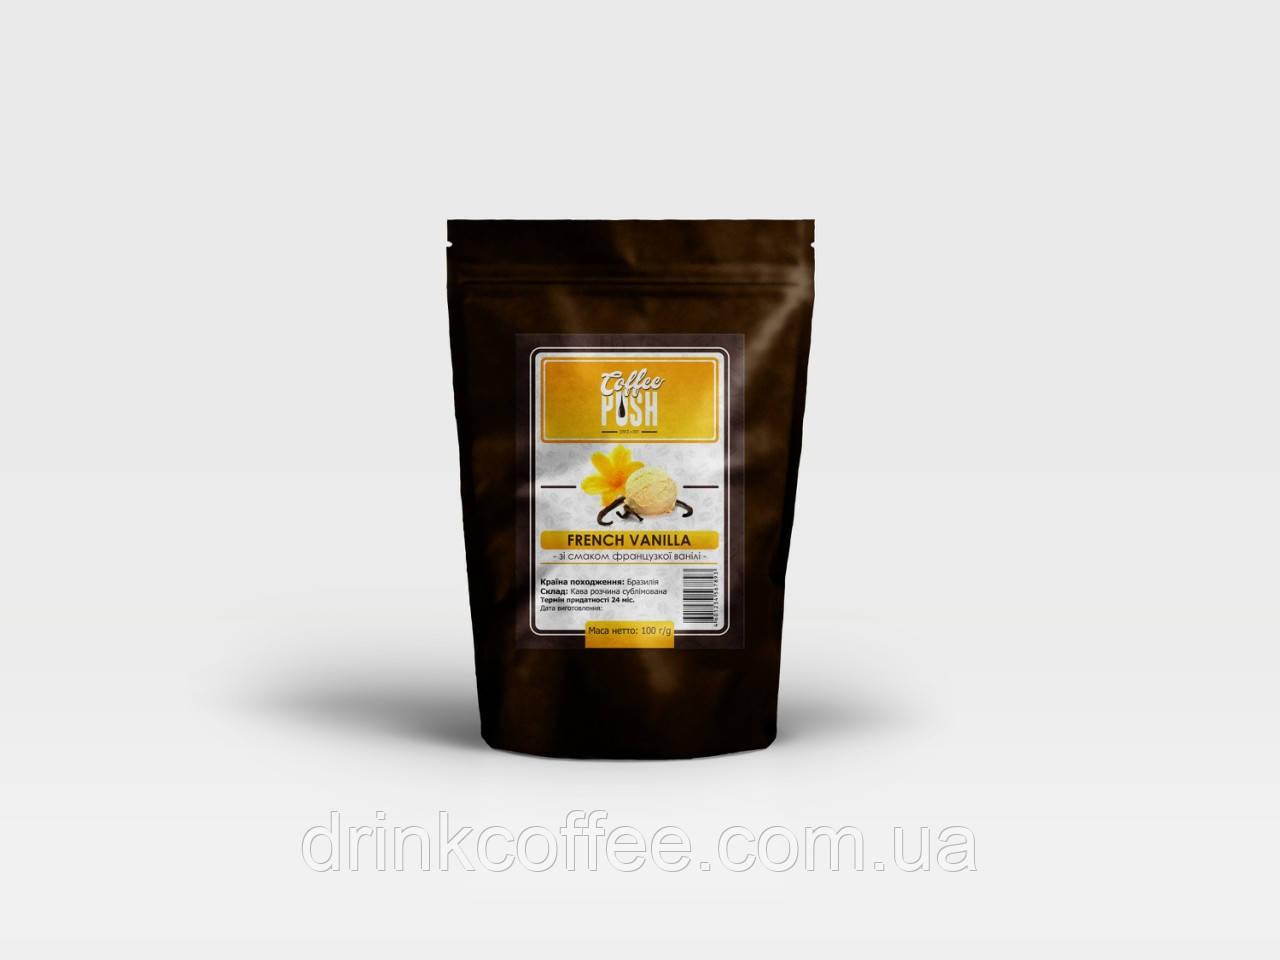 Кофе растворимый Французская ваниль, Бразилия, 50г